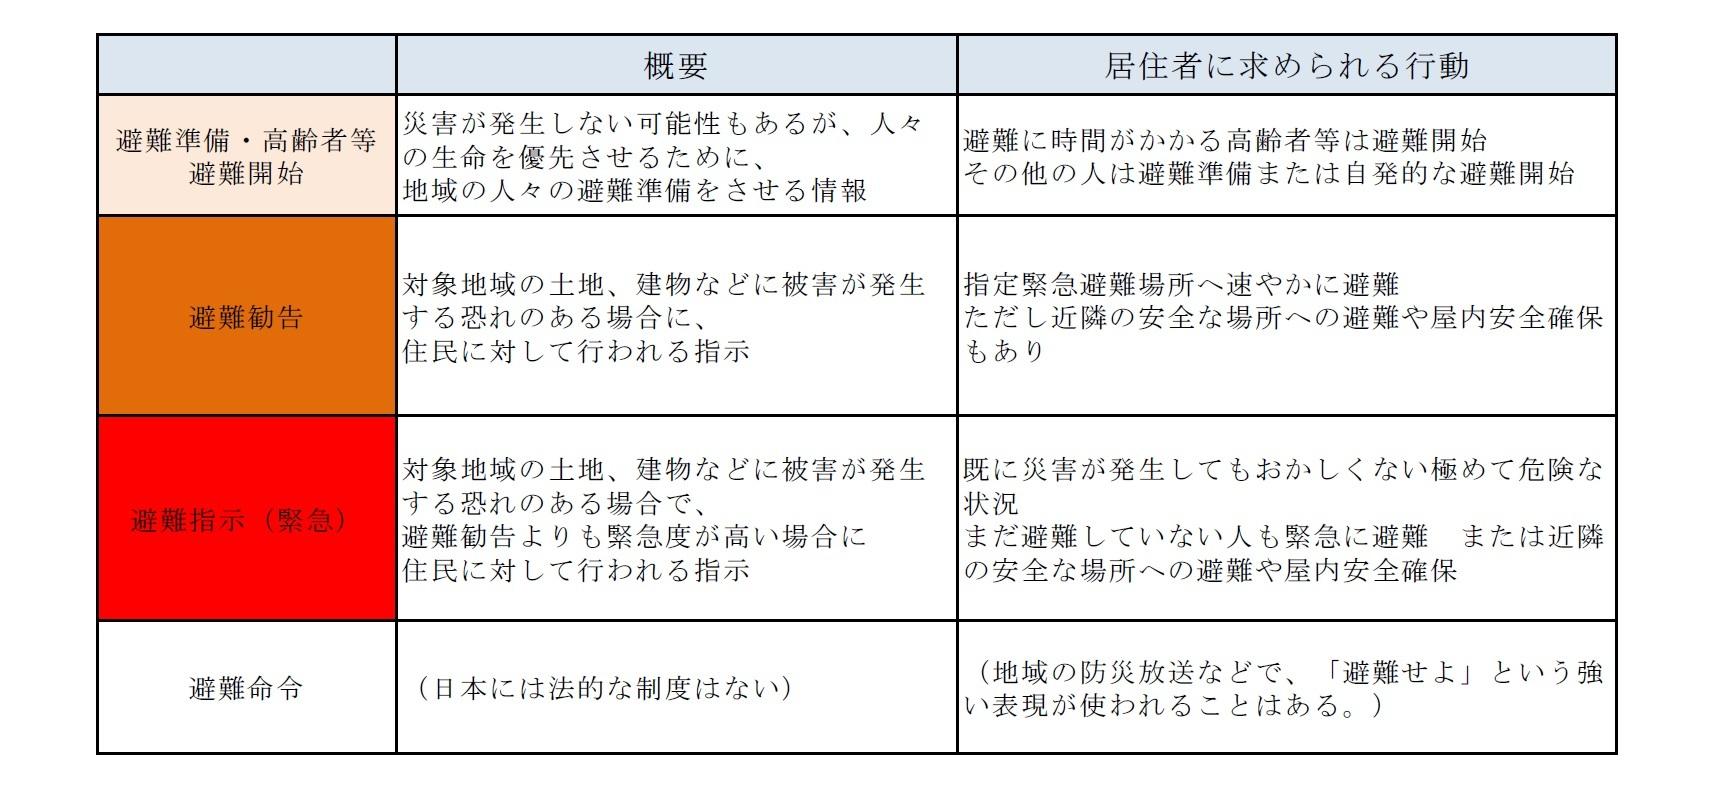 特別警報-災害・防災、ときどき保険(5)  ニッセイ基礎研究所